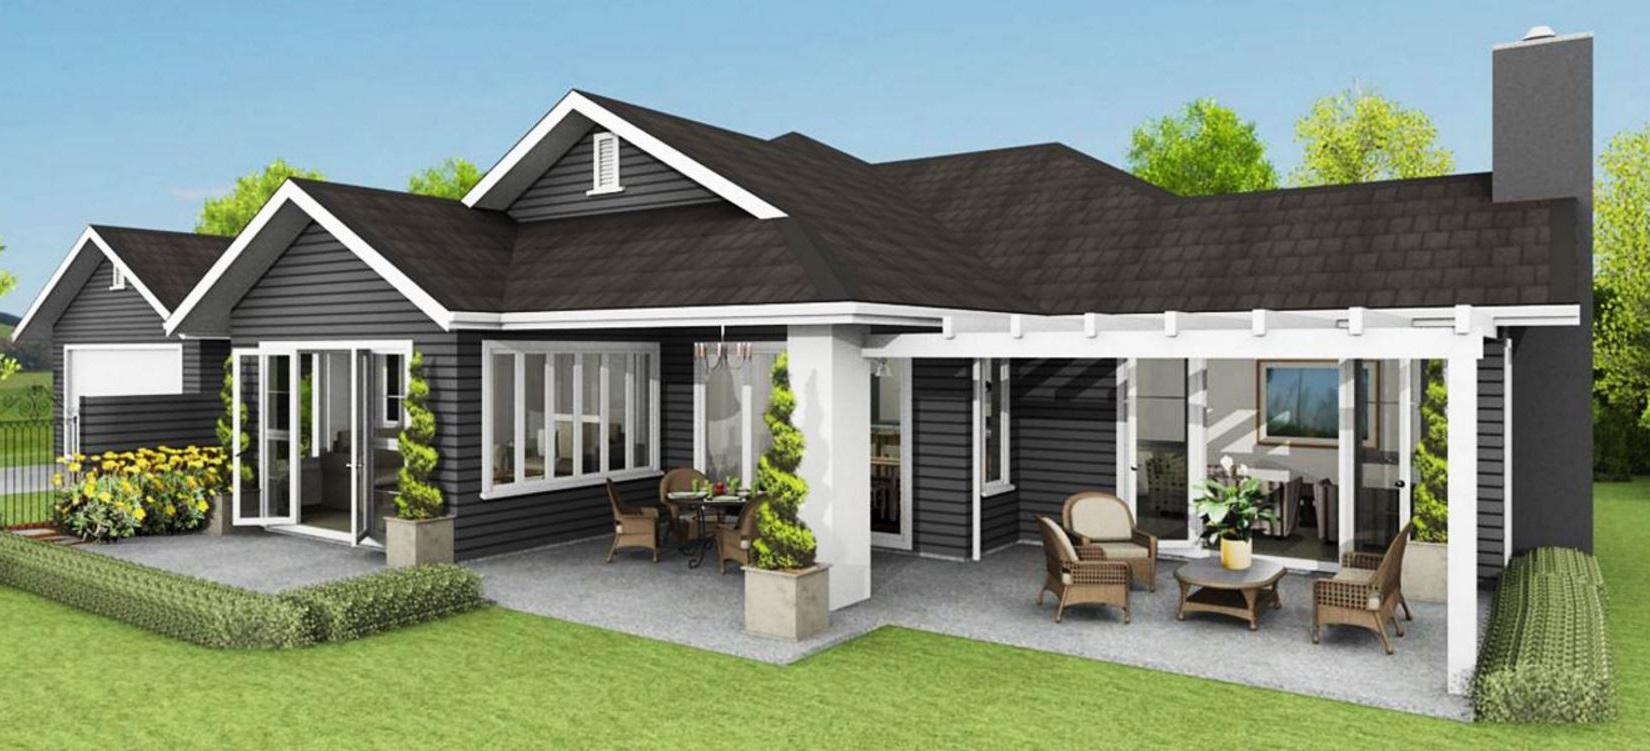 Fachadas de casas fachadas de casas modernas y bonitas for Casas una planta